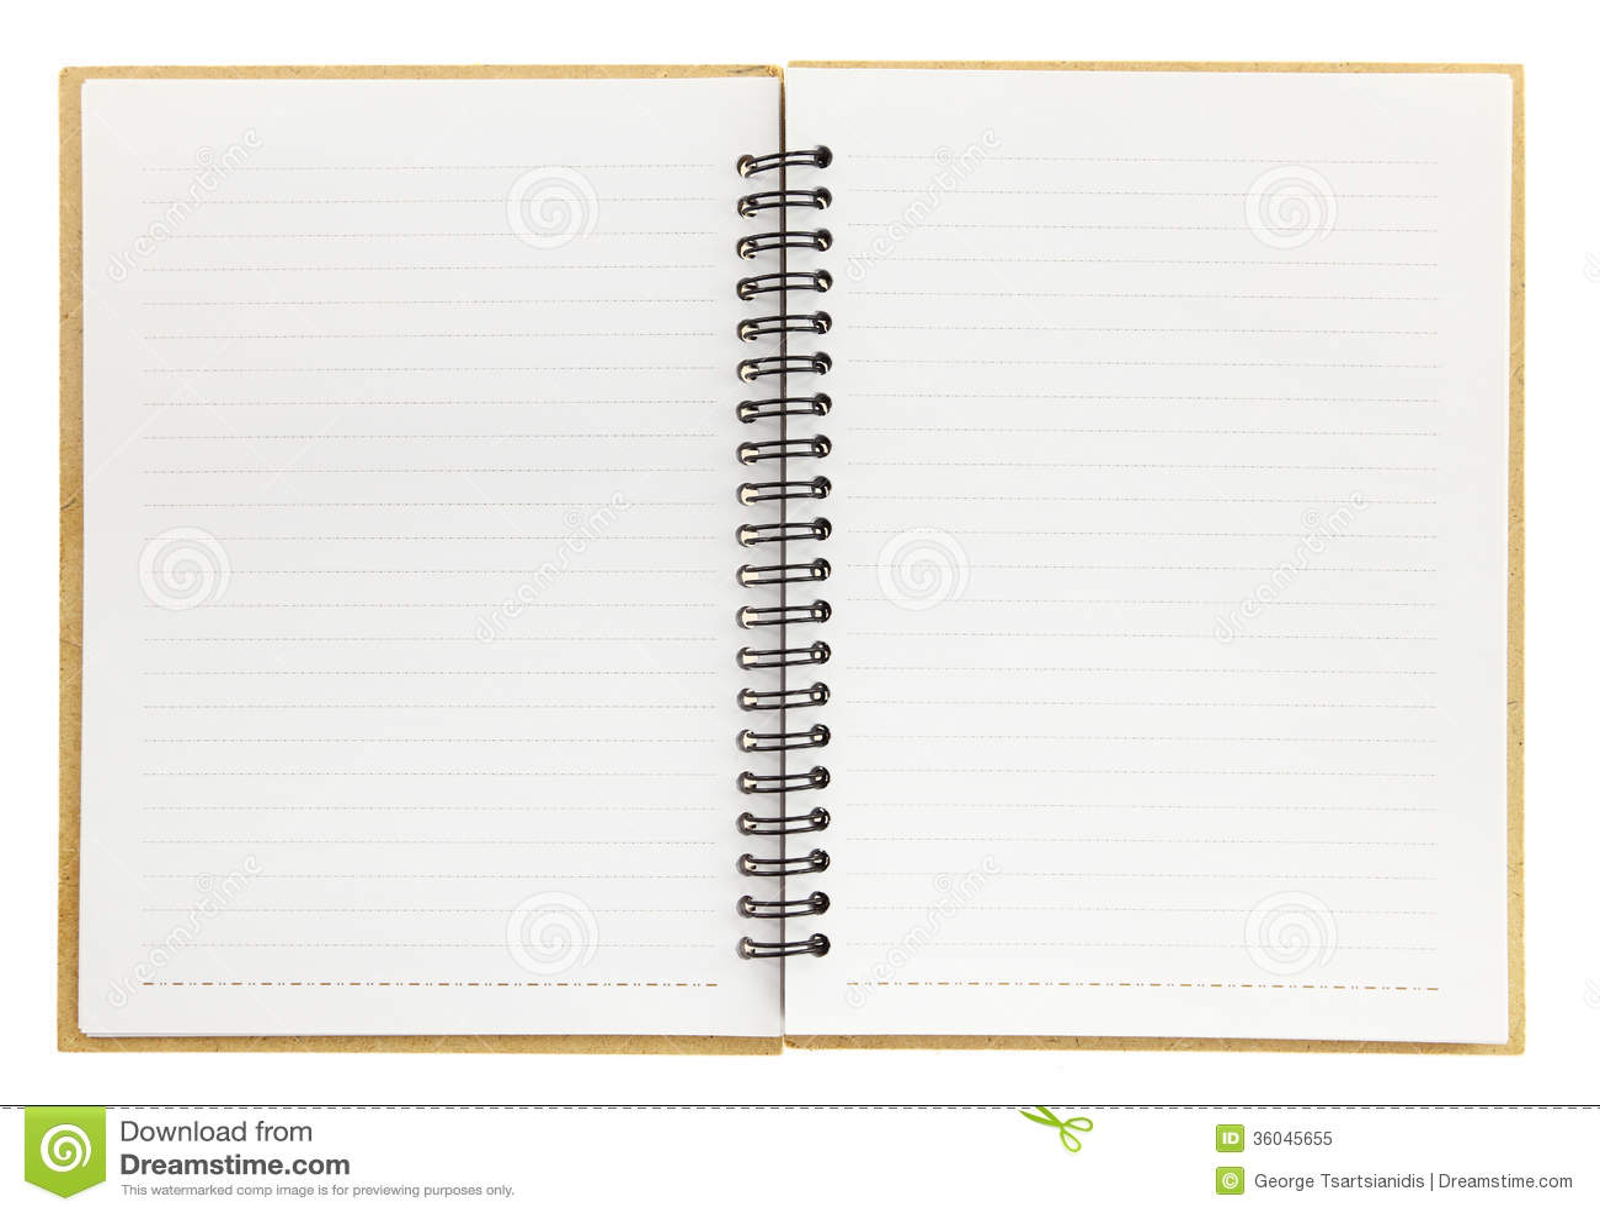 Как сделать тетрадь на фотошопе